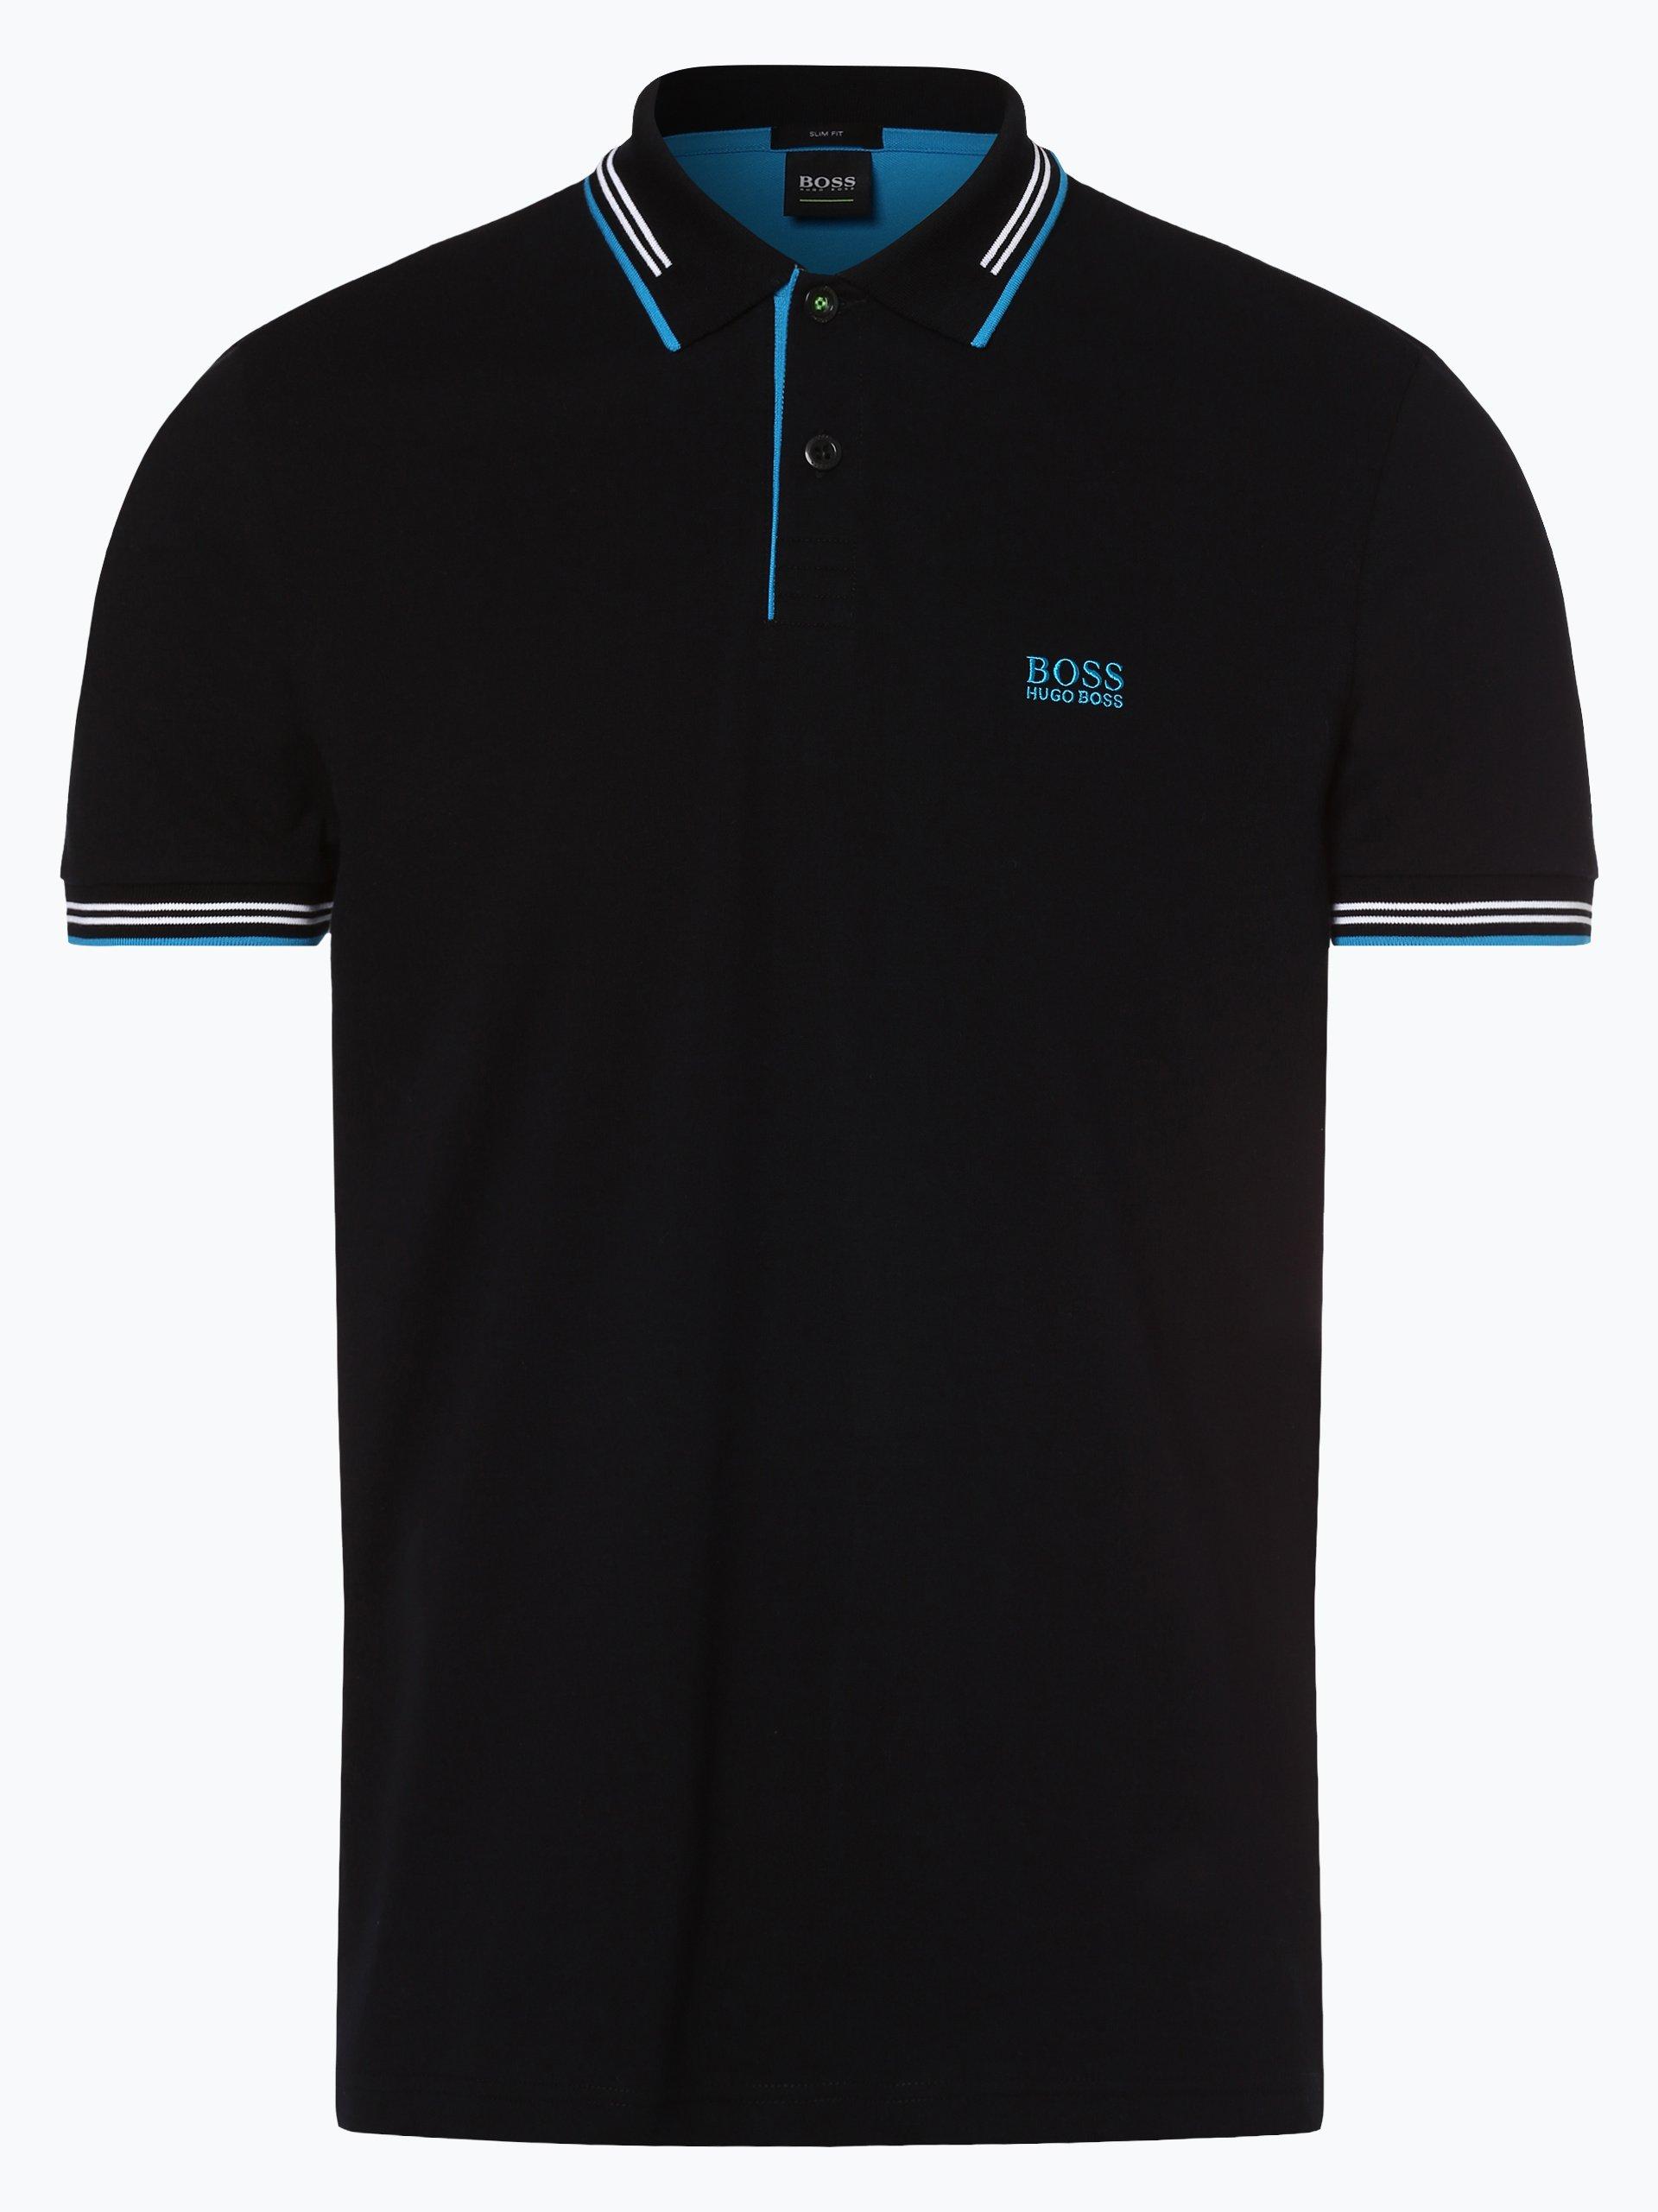 BOSS Athleisure Męska koszulka polo – Paul